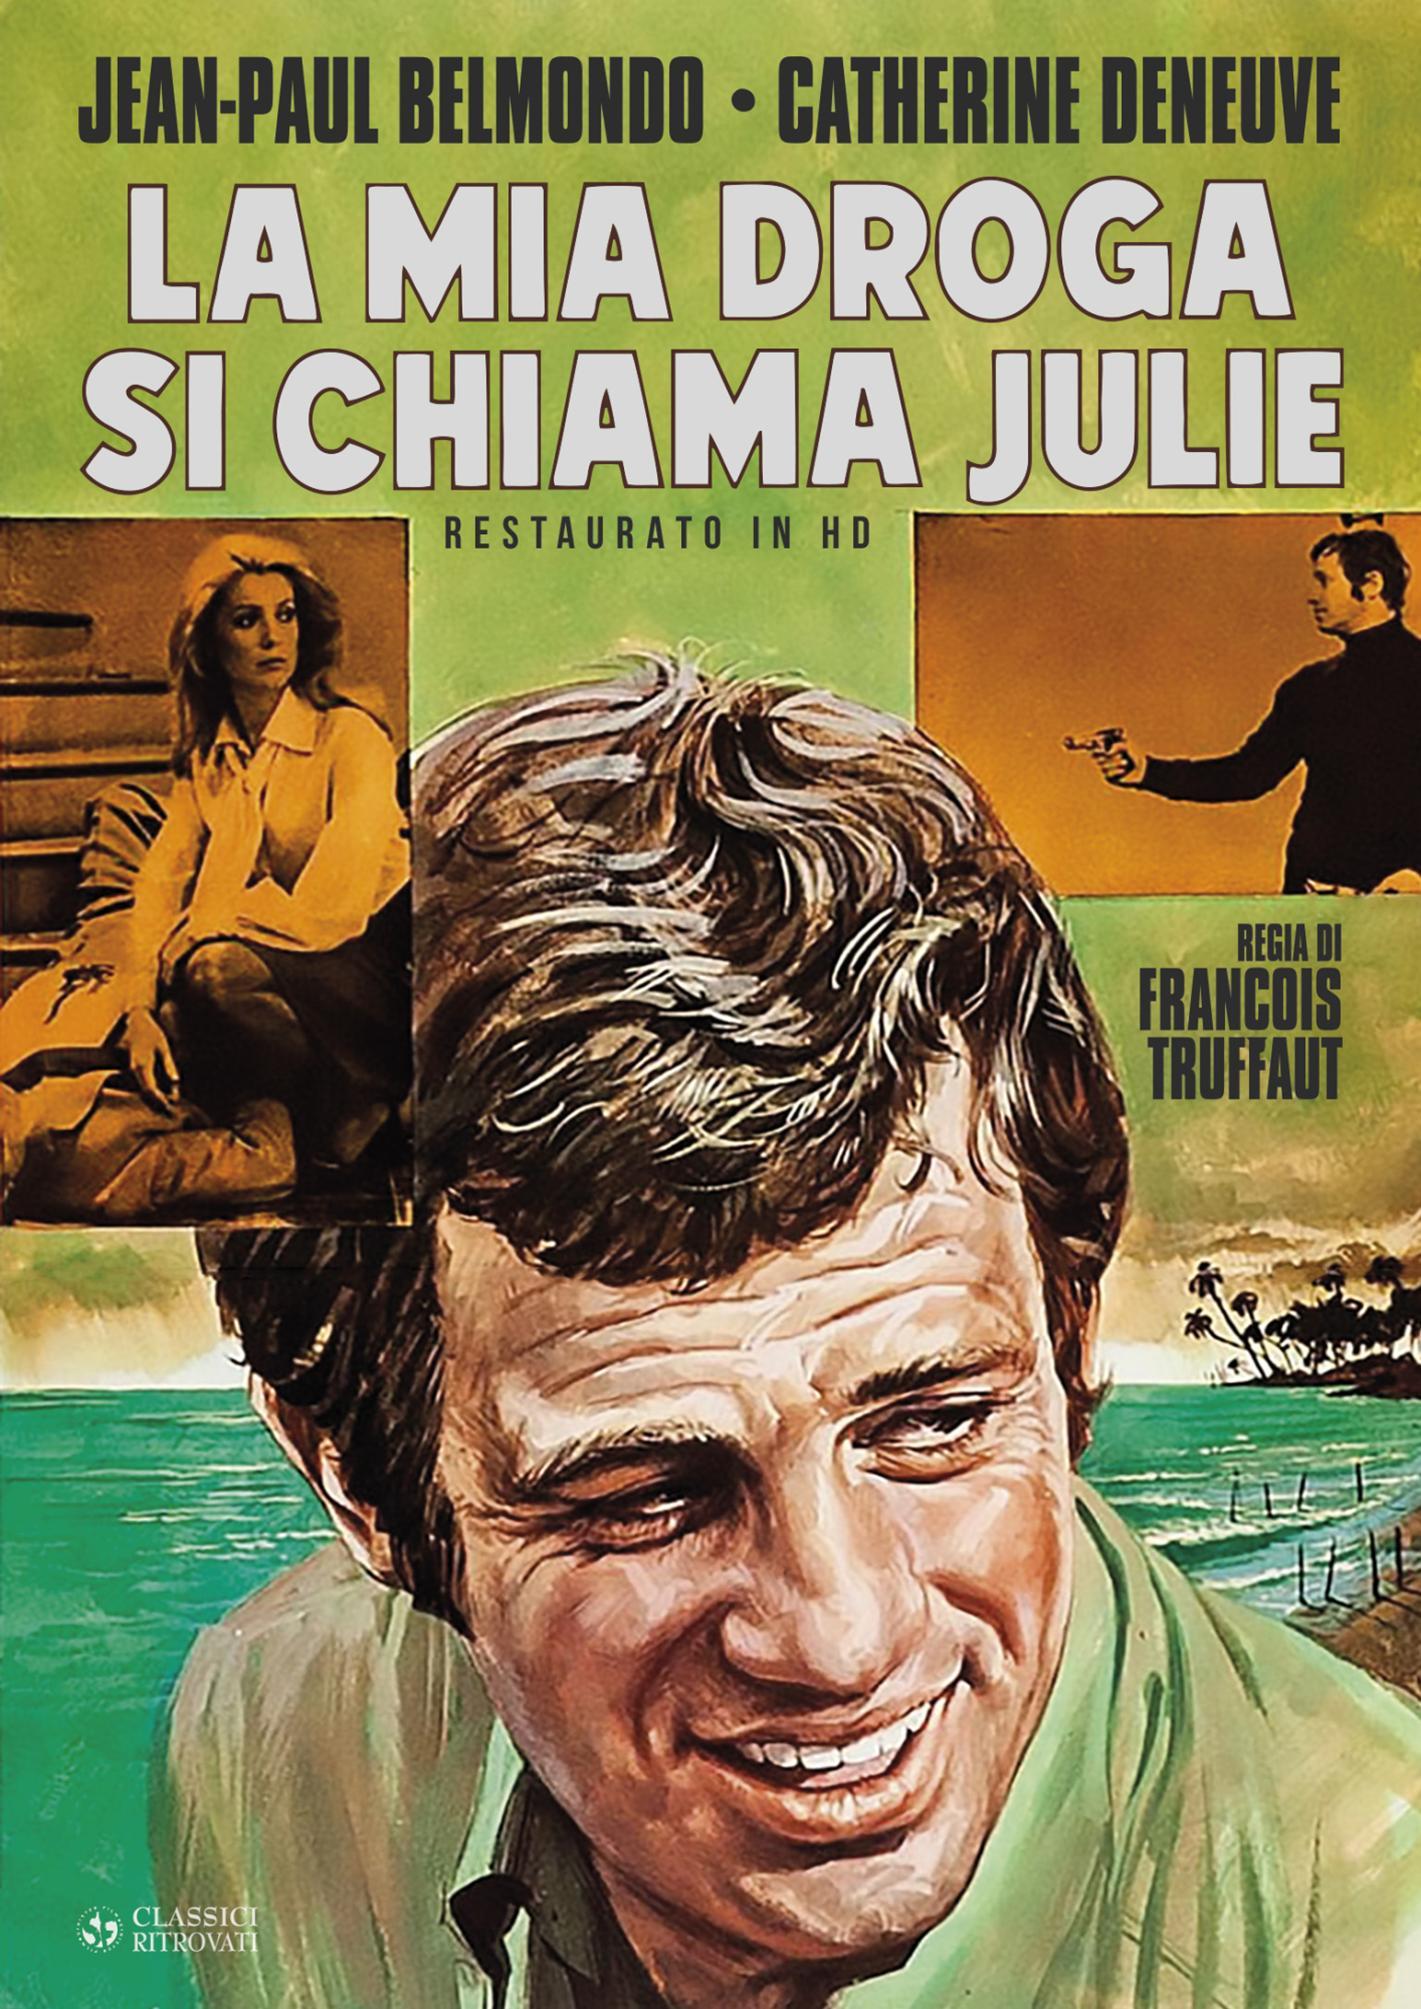 MIA DROGA SI CHIAMA JULIE (LA) (RESTAURATO IN HD) (DVD)